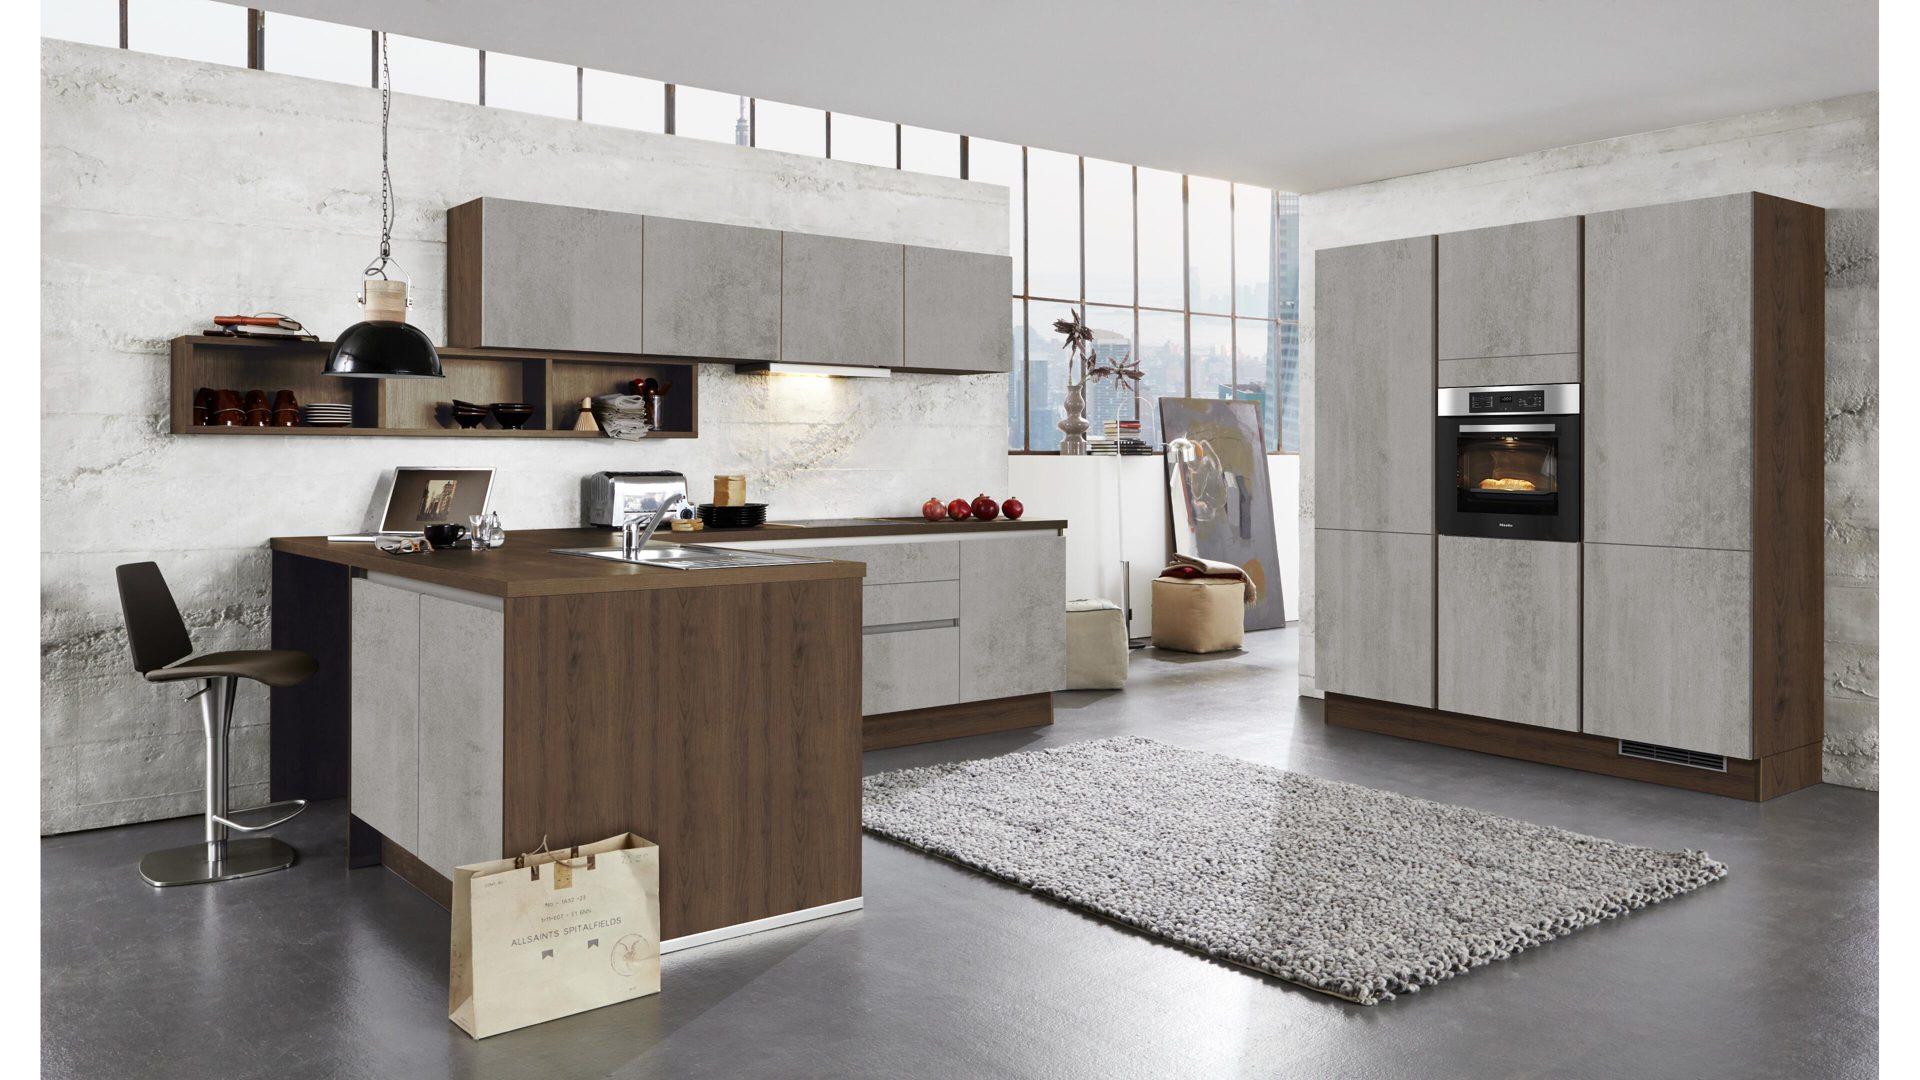 Culineo Küche Mit Siemens Einbaugeräten Beton Perlgraue